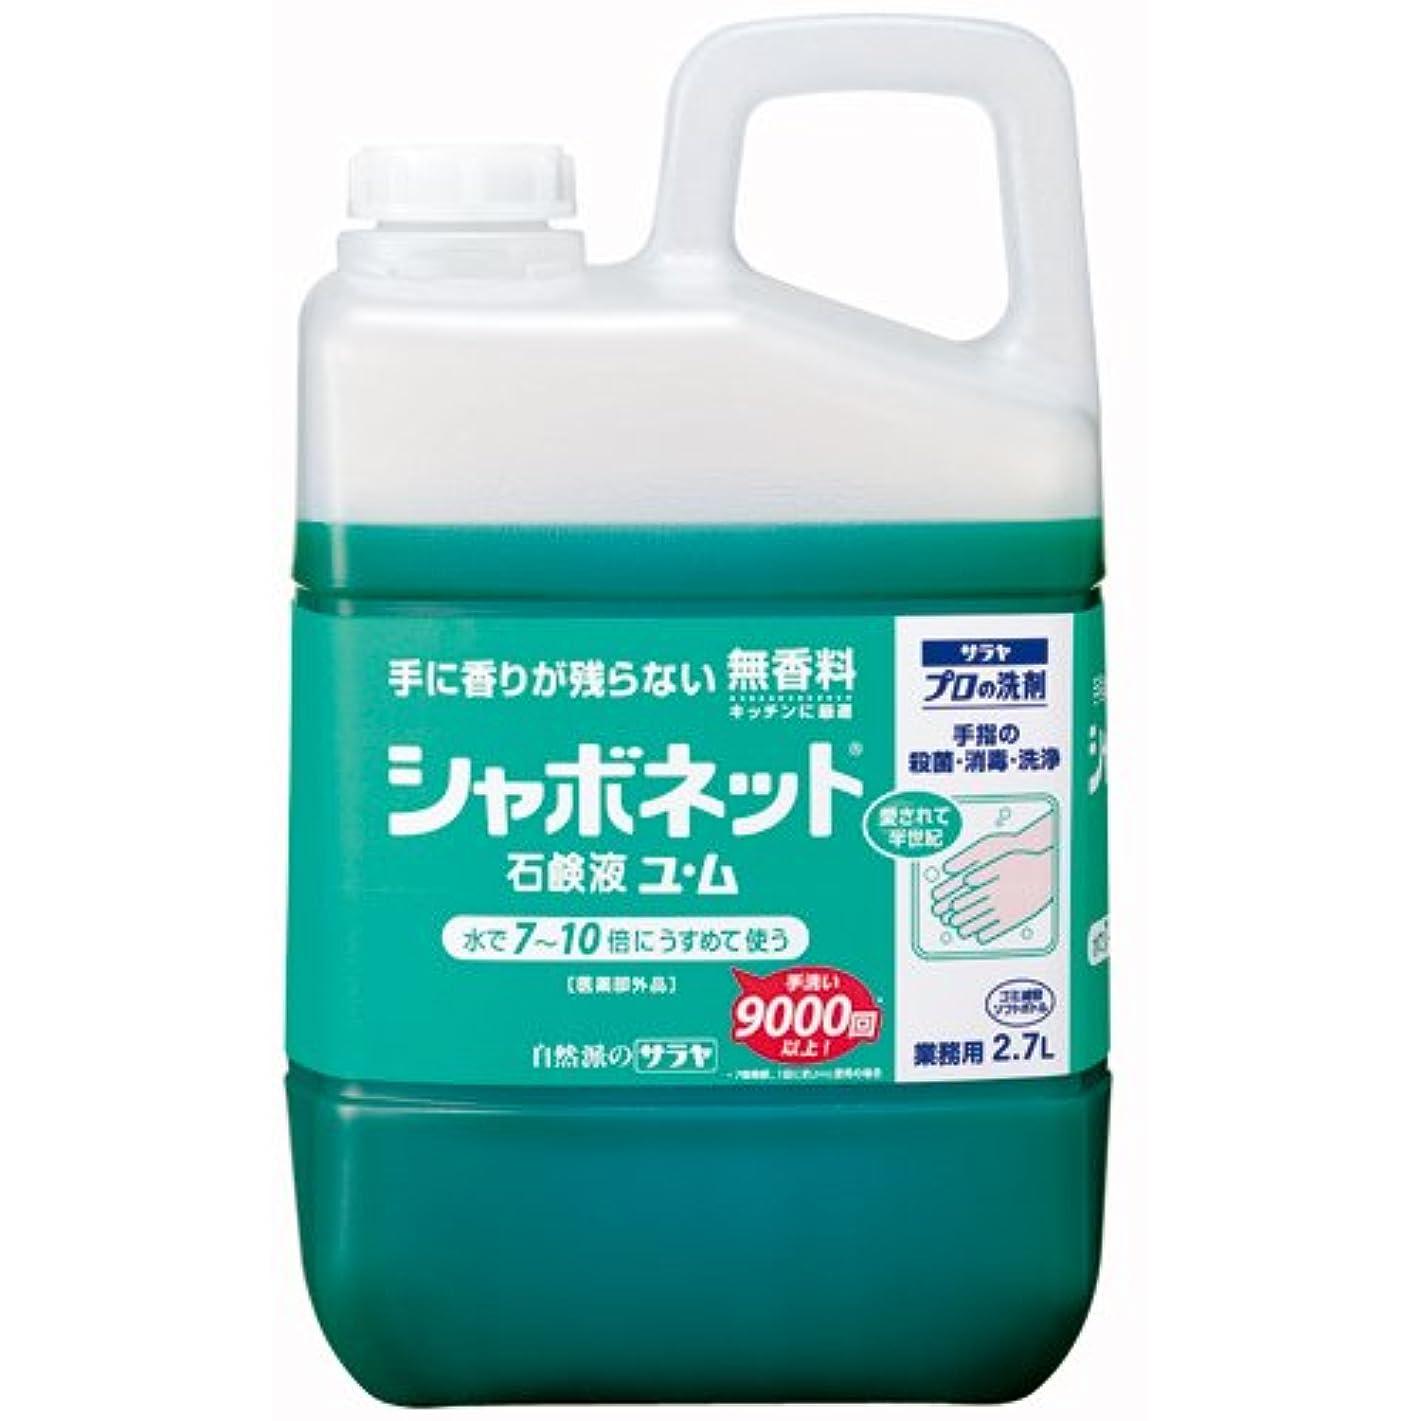 靄機会退屈サラヤ シャボネット石鹸液 ユ?ム 無香料 業務用 2.7L